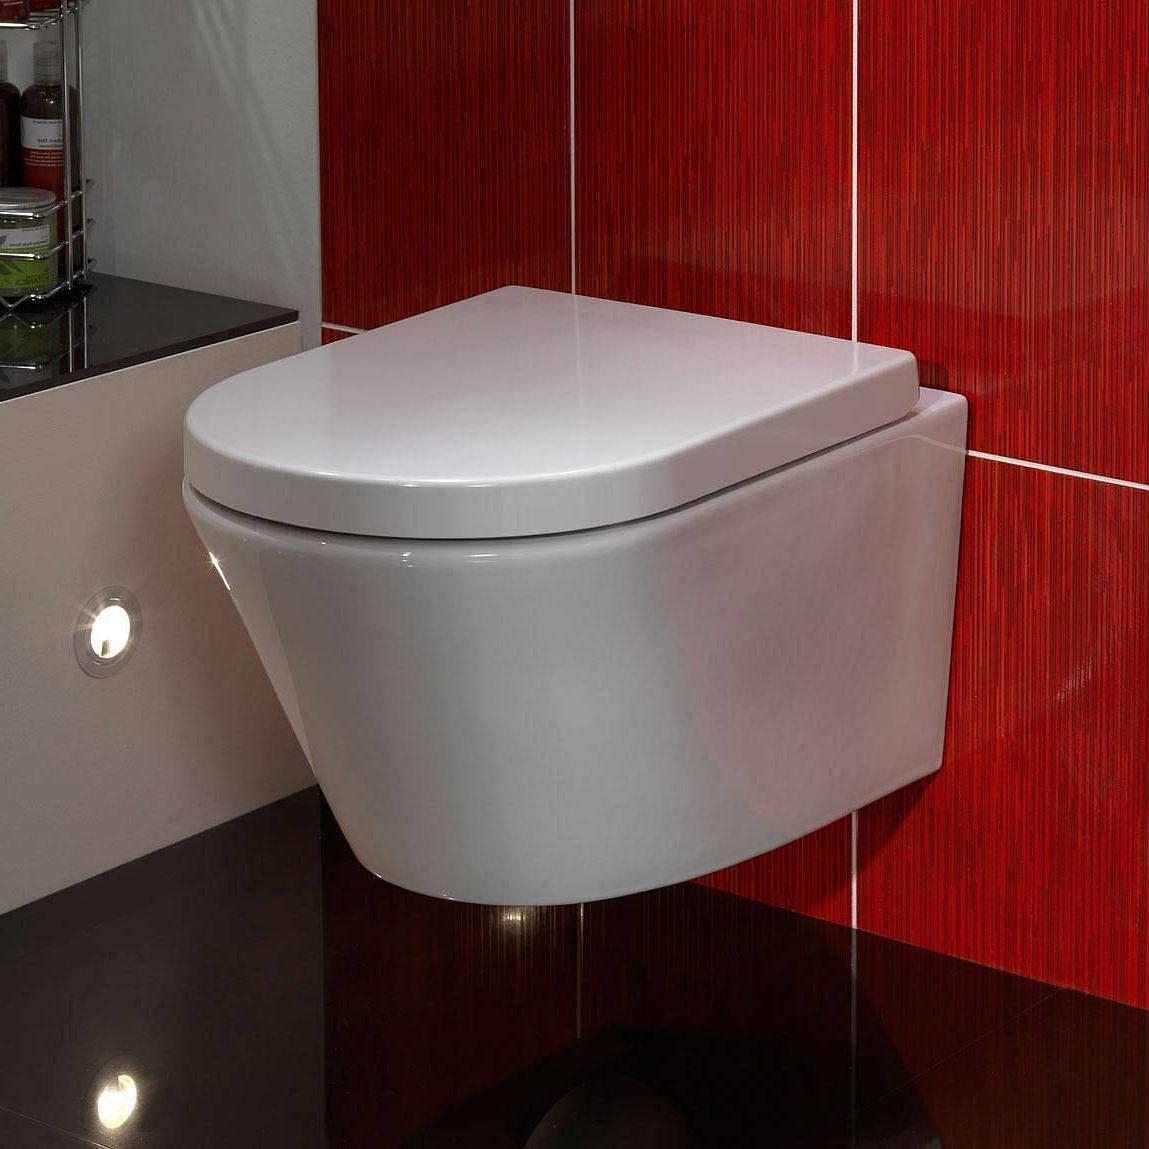 Bathroom Sleek Bathroom Design With Wall Mounted Toilet Red Bedroom Walls With Wall Mounted Toilet I Sleek Bathroom Design Sleek Bathroom Red Bedroom Walls